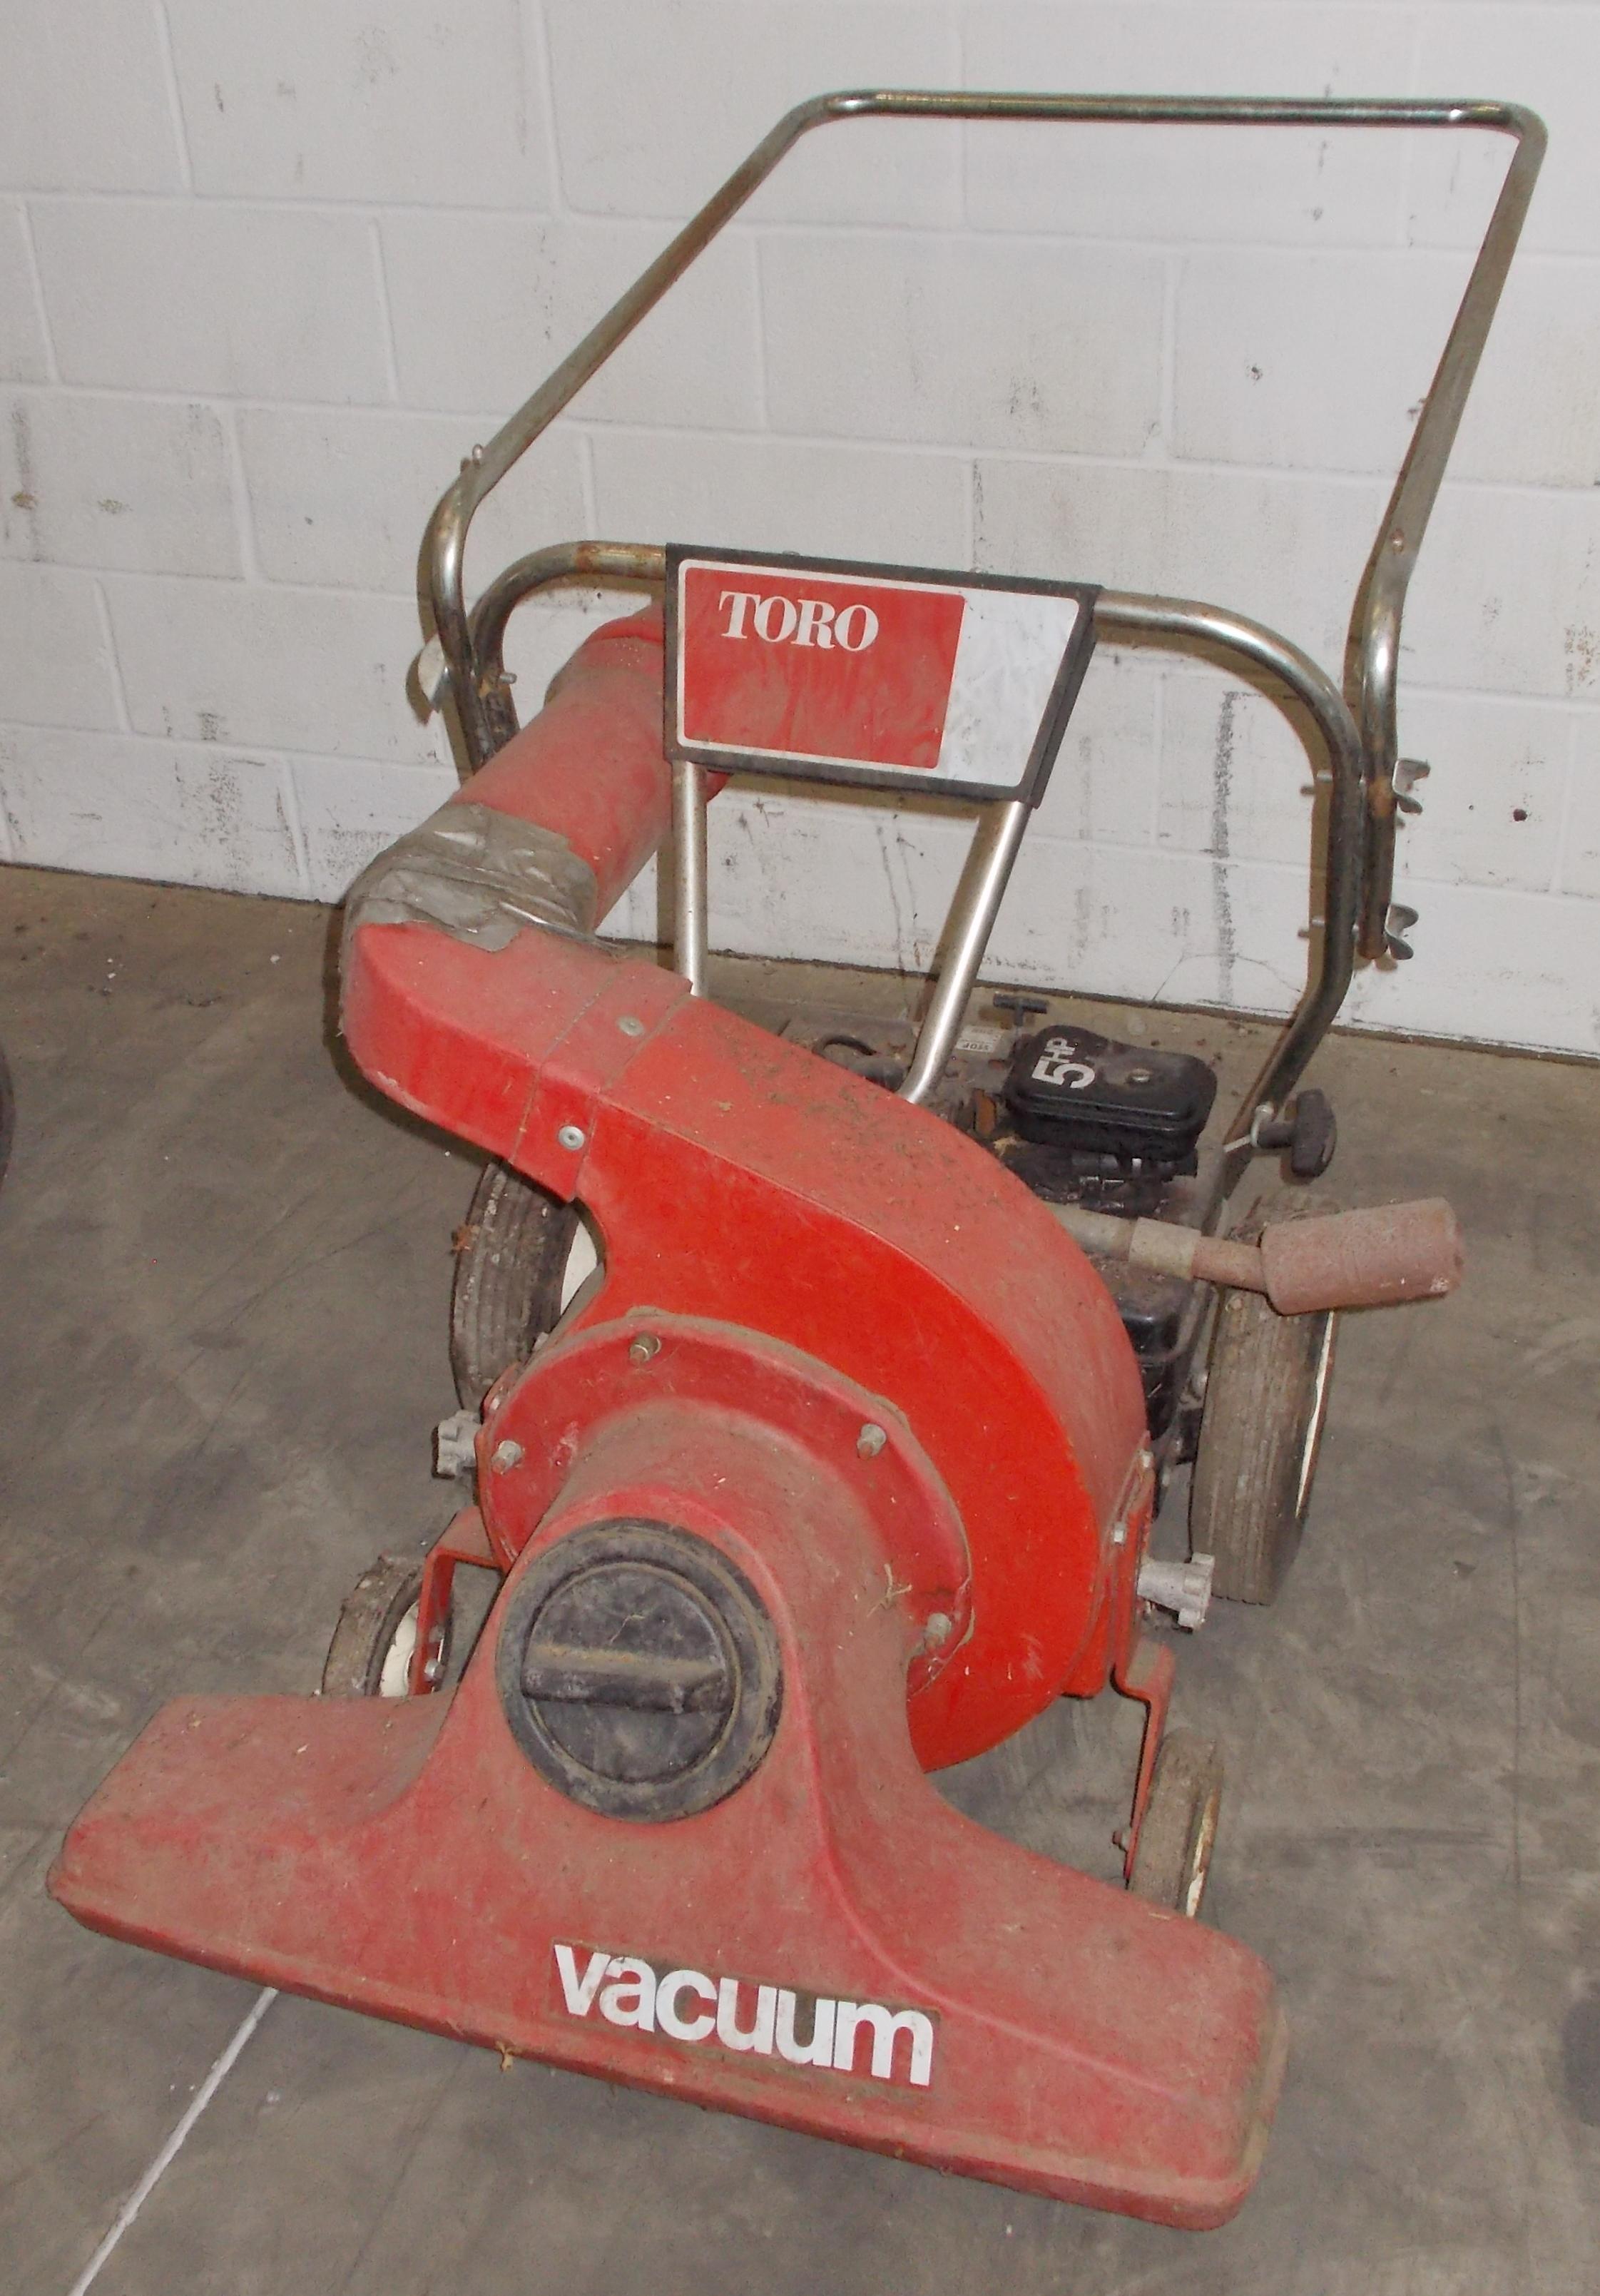 Lot 7 - TORO 5-HP POWER YARD VACUUM